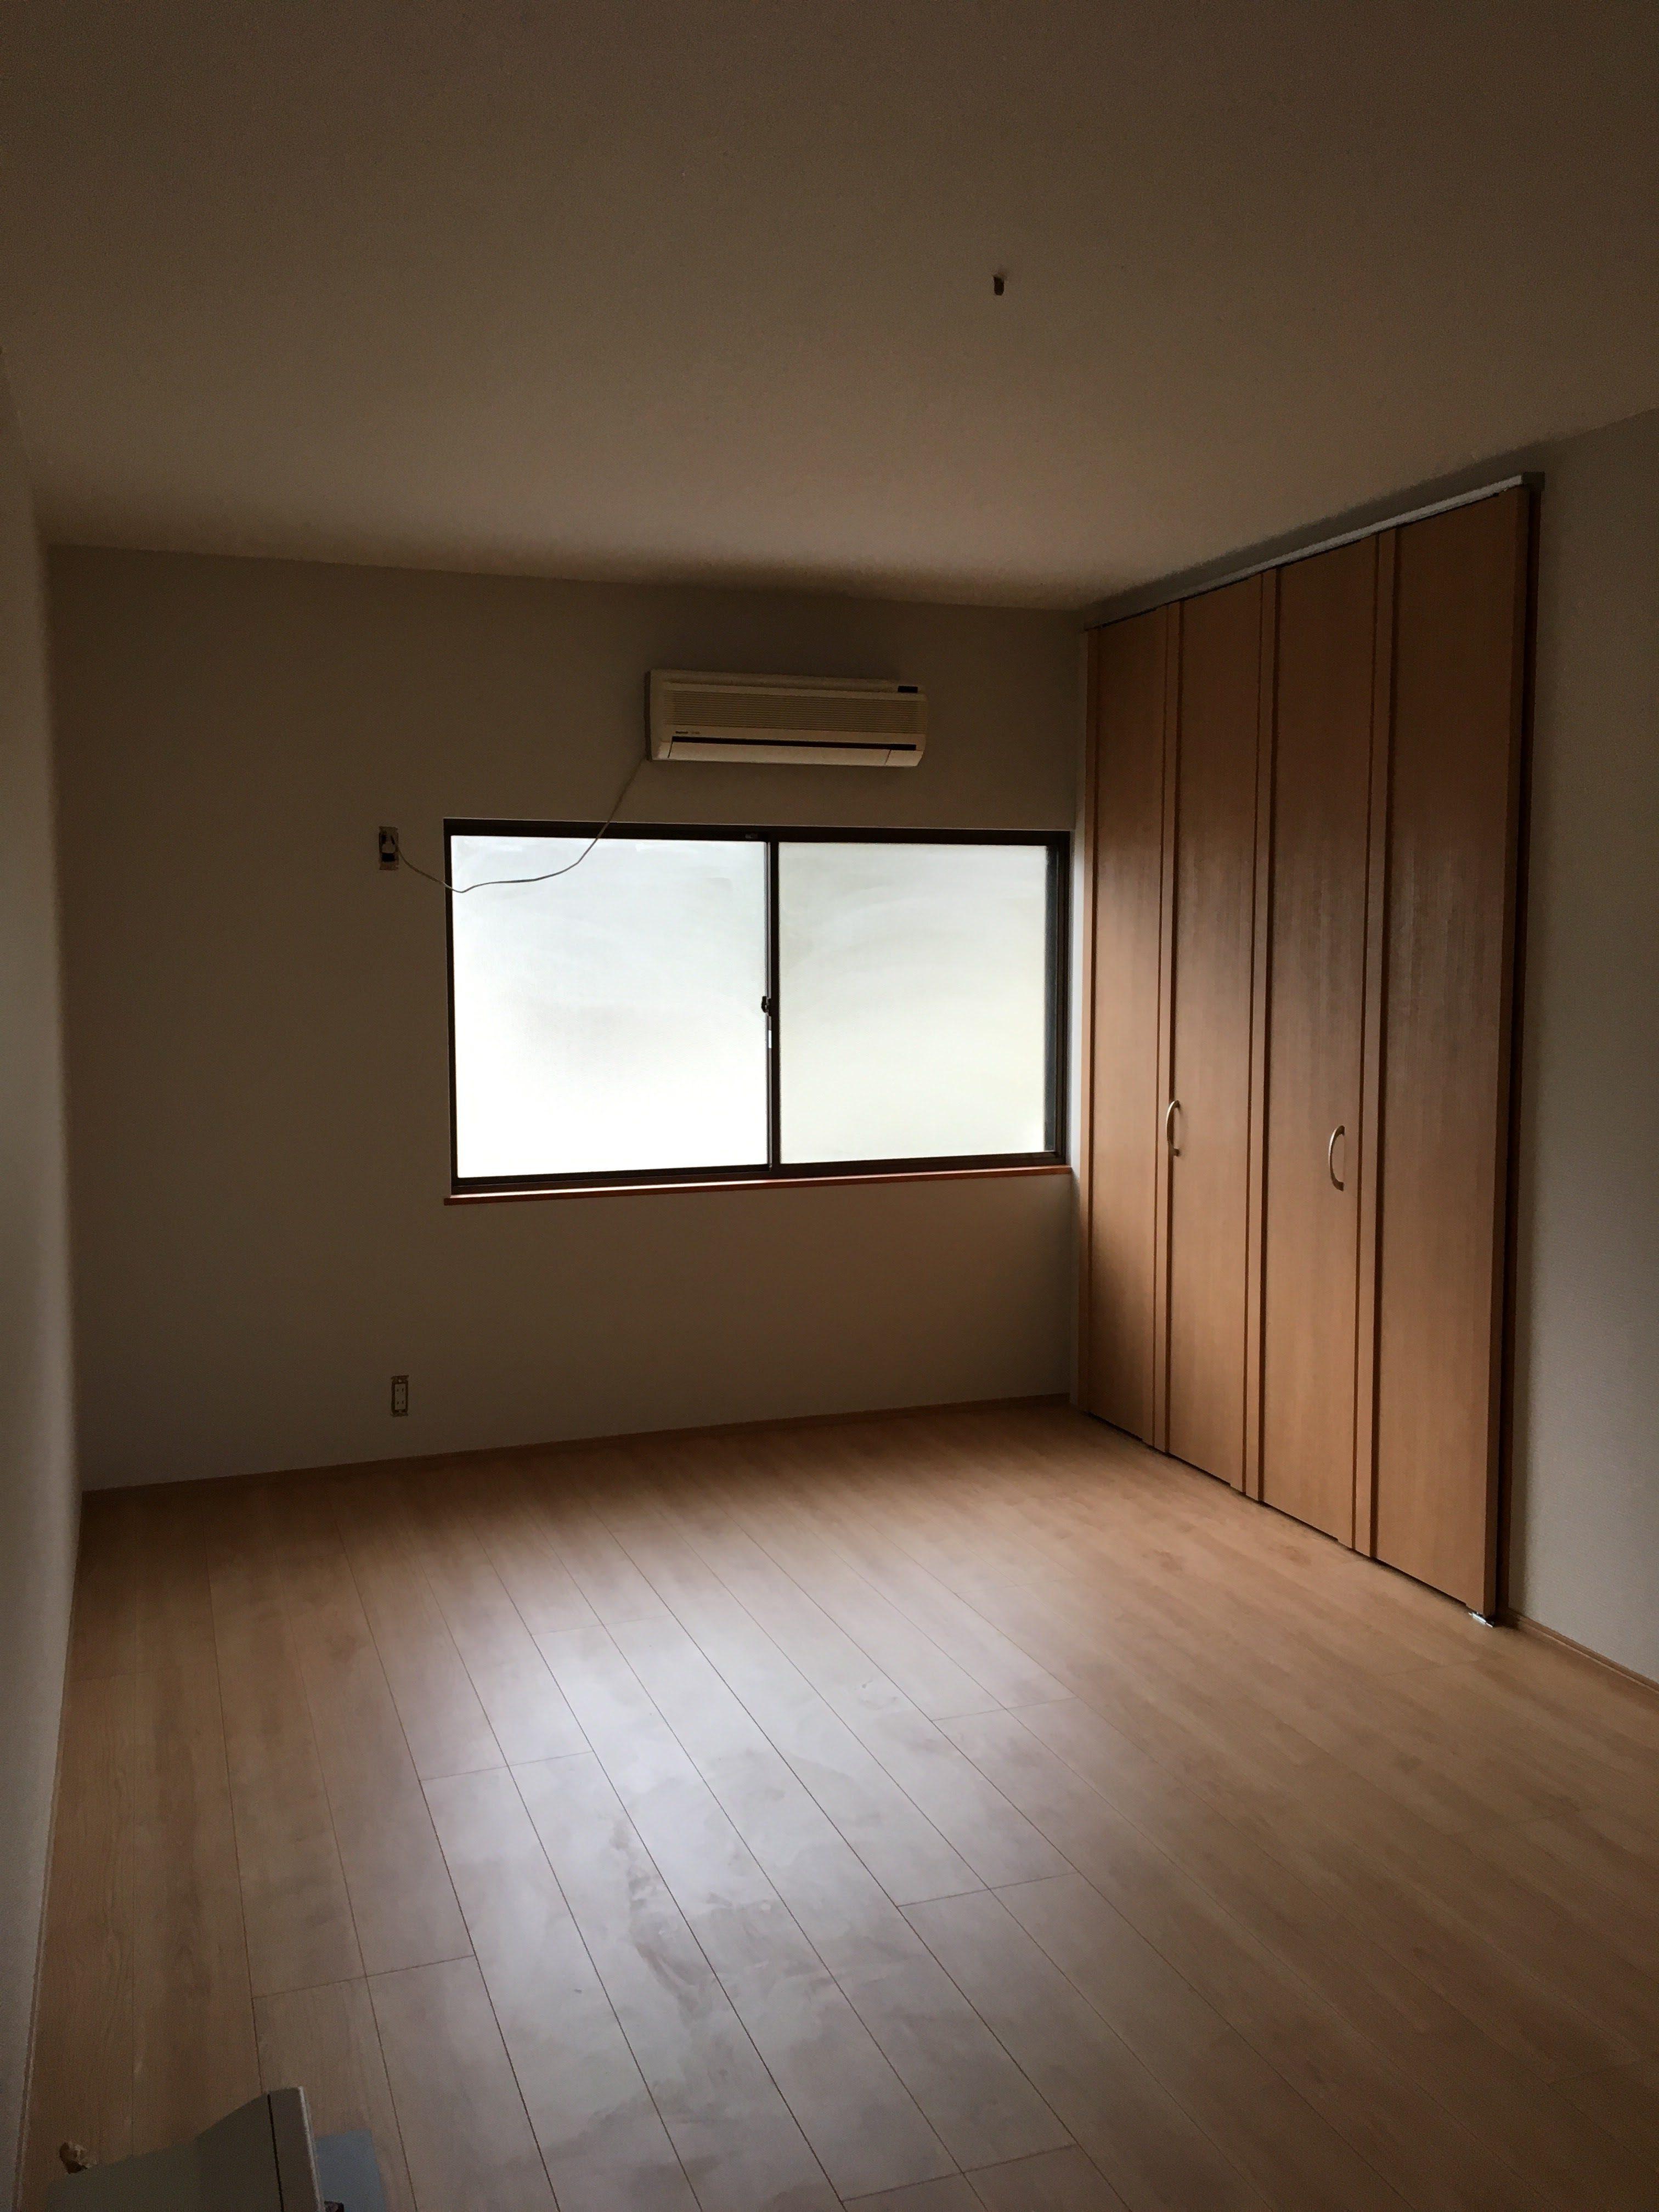 和室から洋室に!!押入れをクローゼット扉に変更し、畳はフロアー材